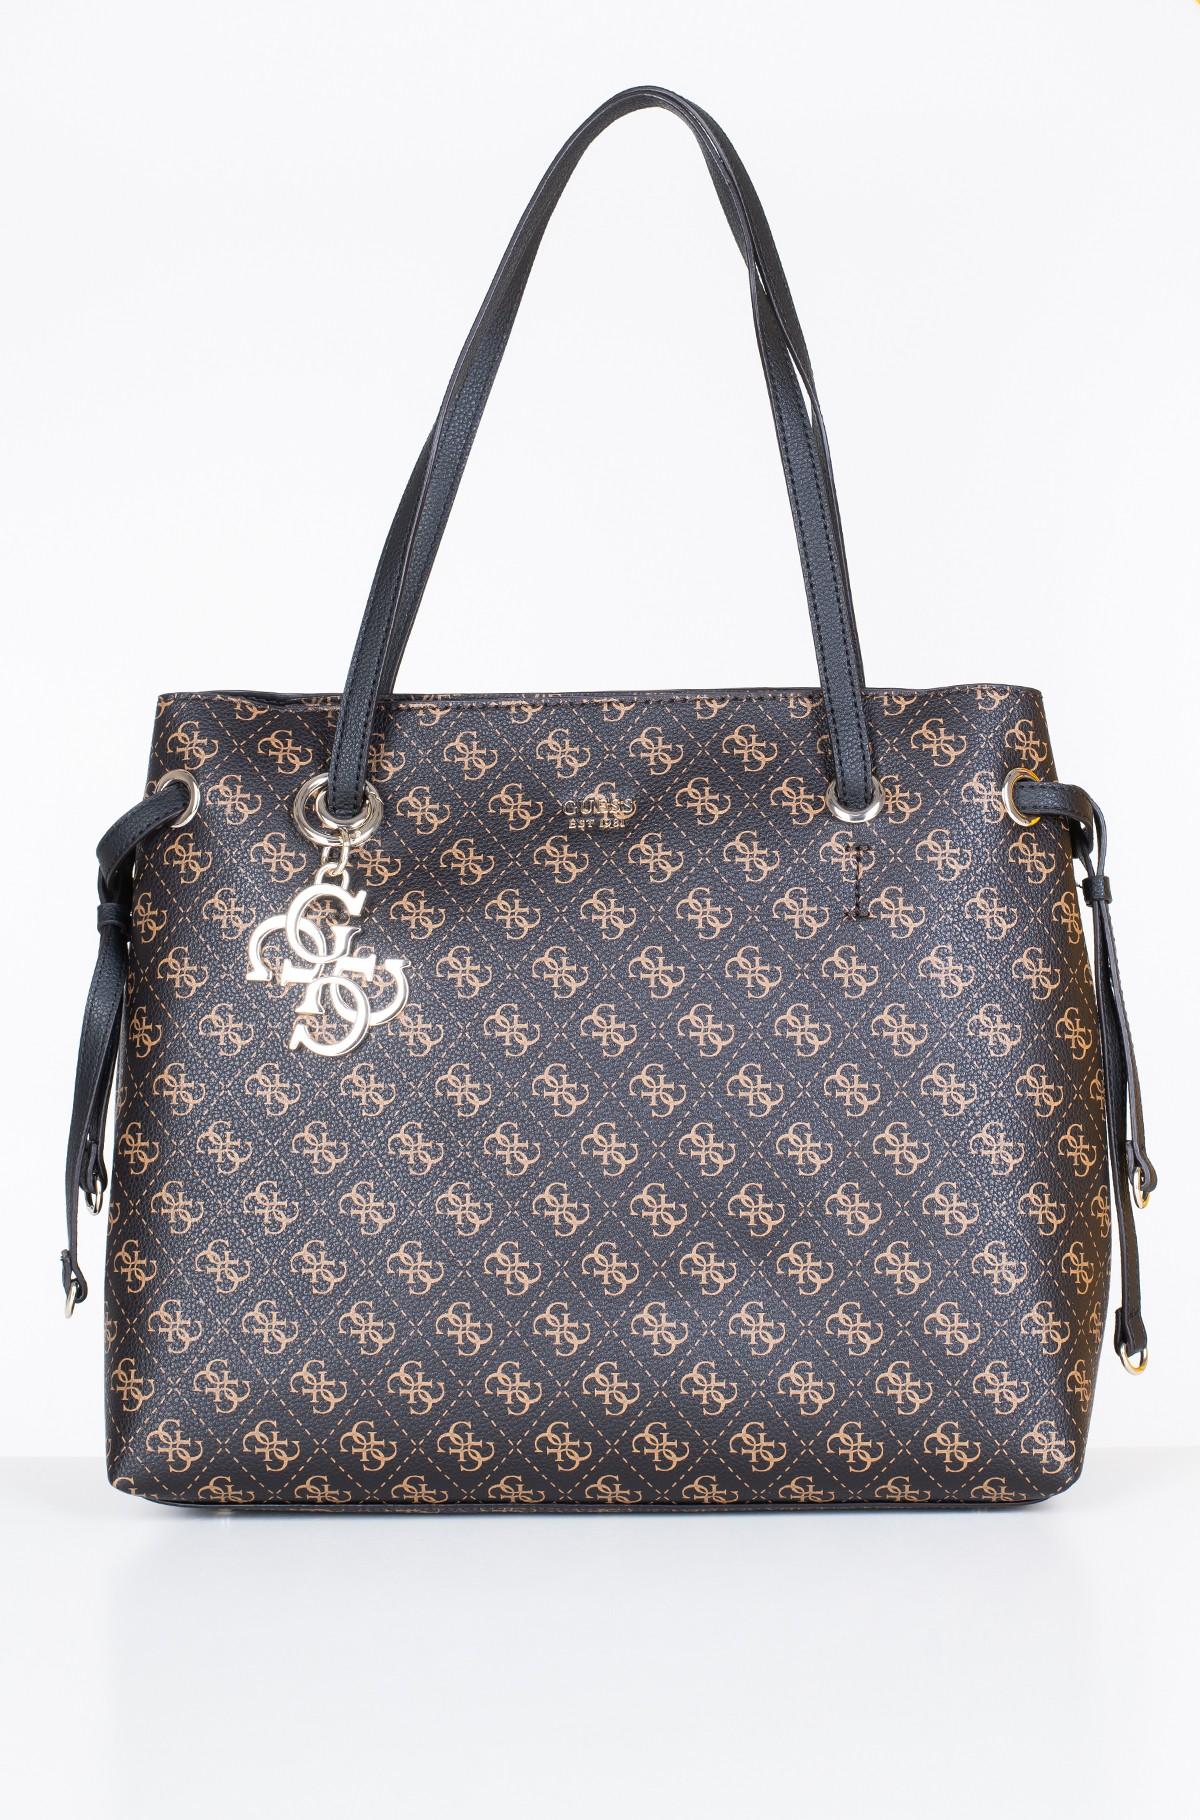 Handbag HWSQ68 53240-full-1